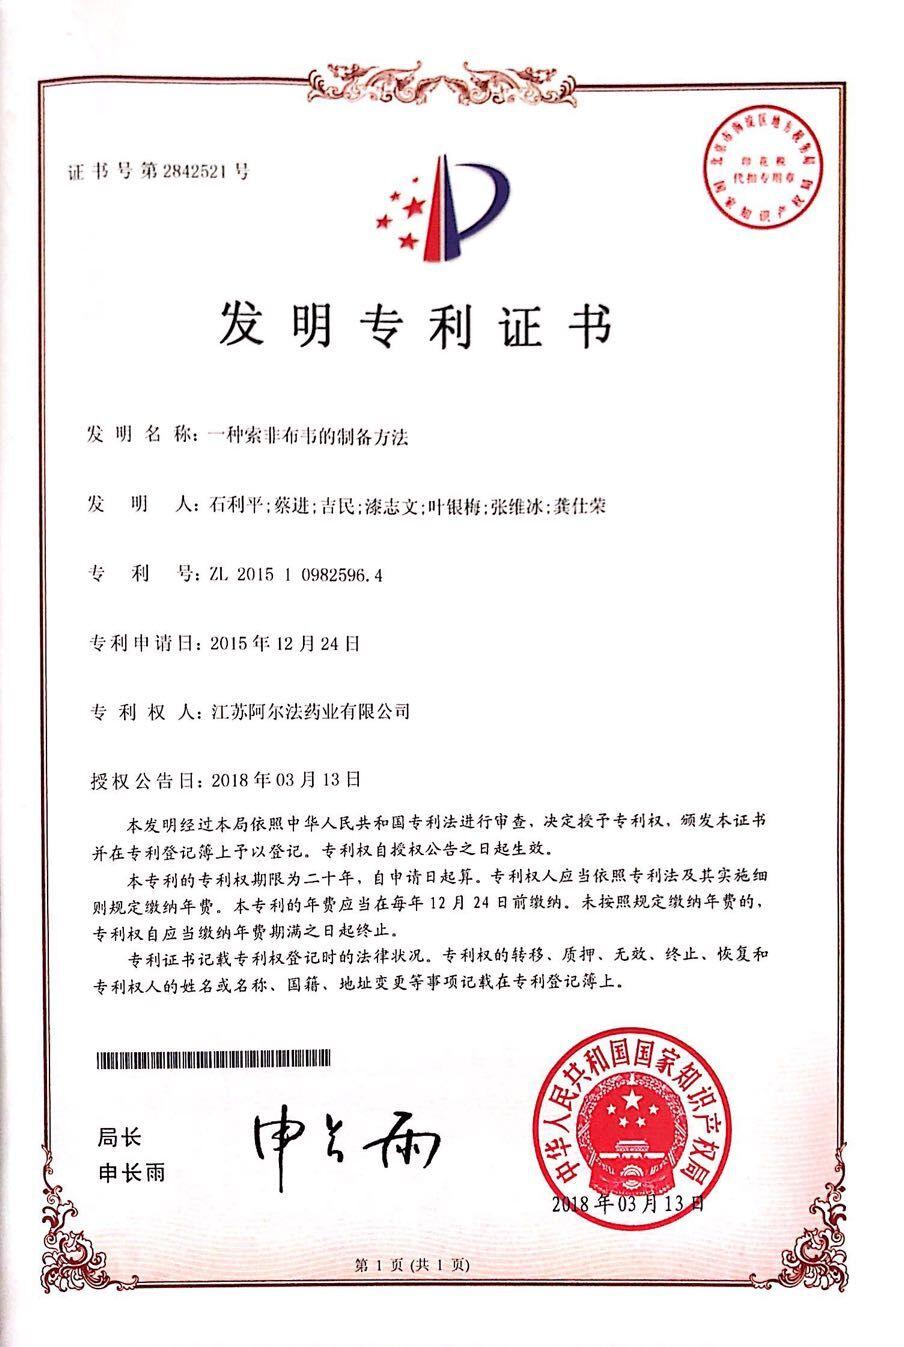 荣誉-专利-20.一种索菲布韦的制备方法